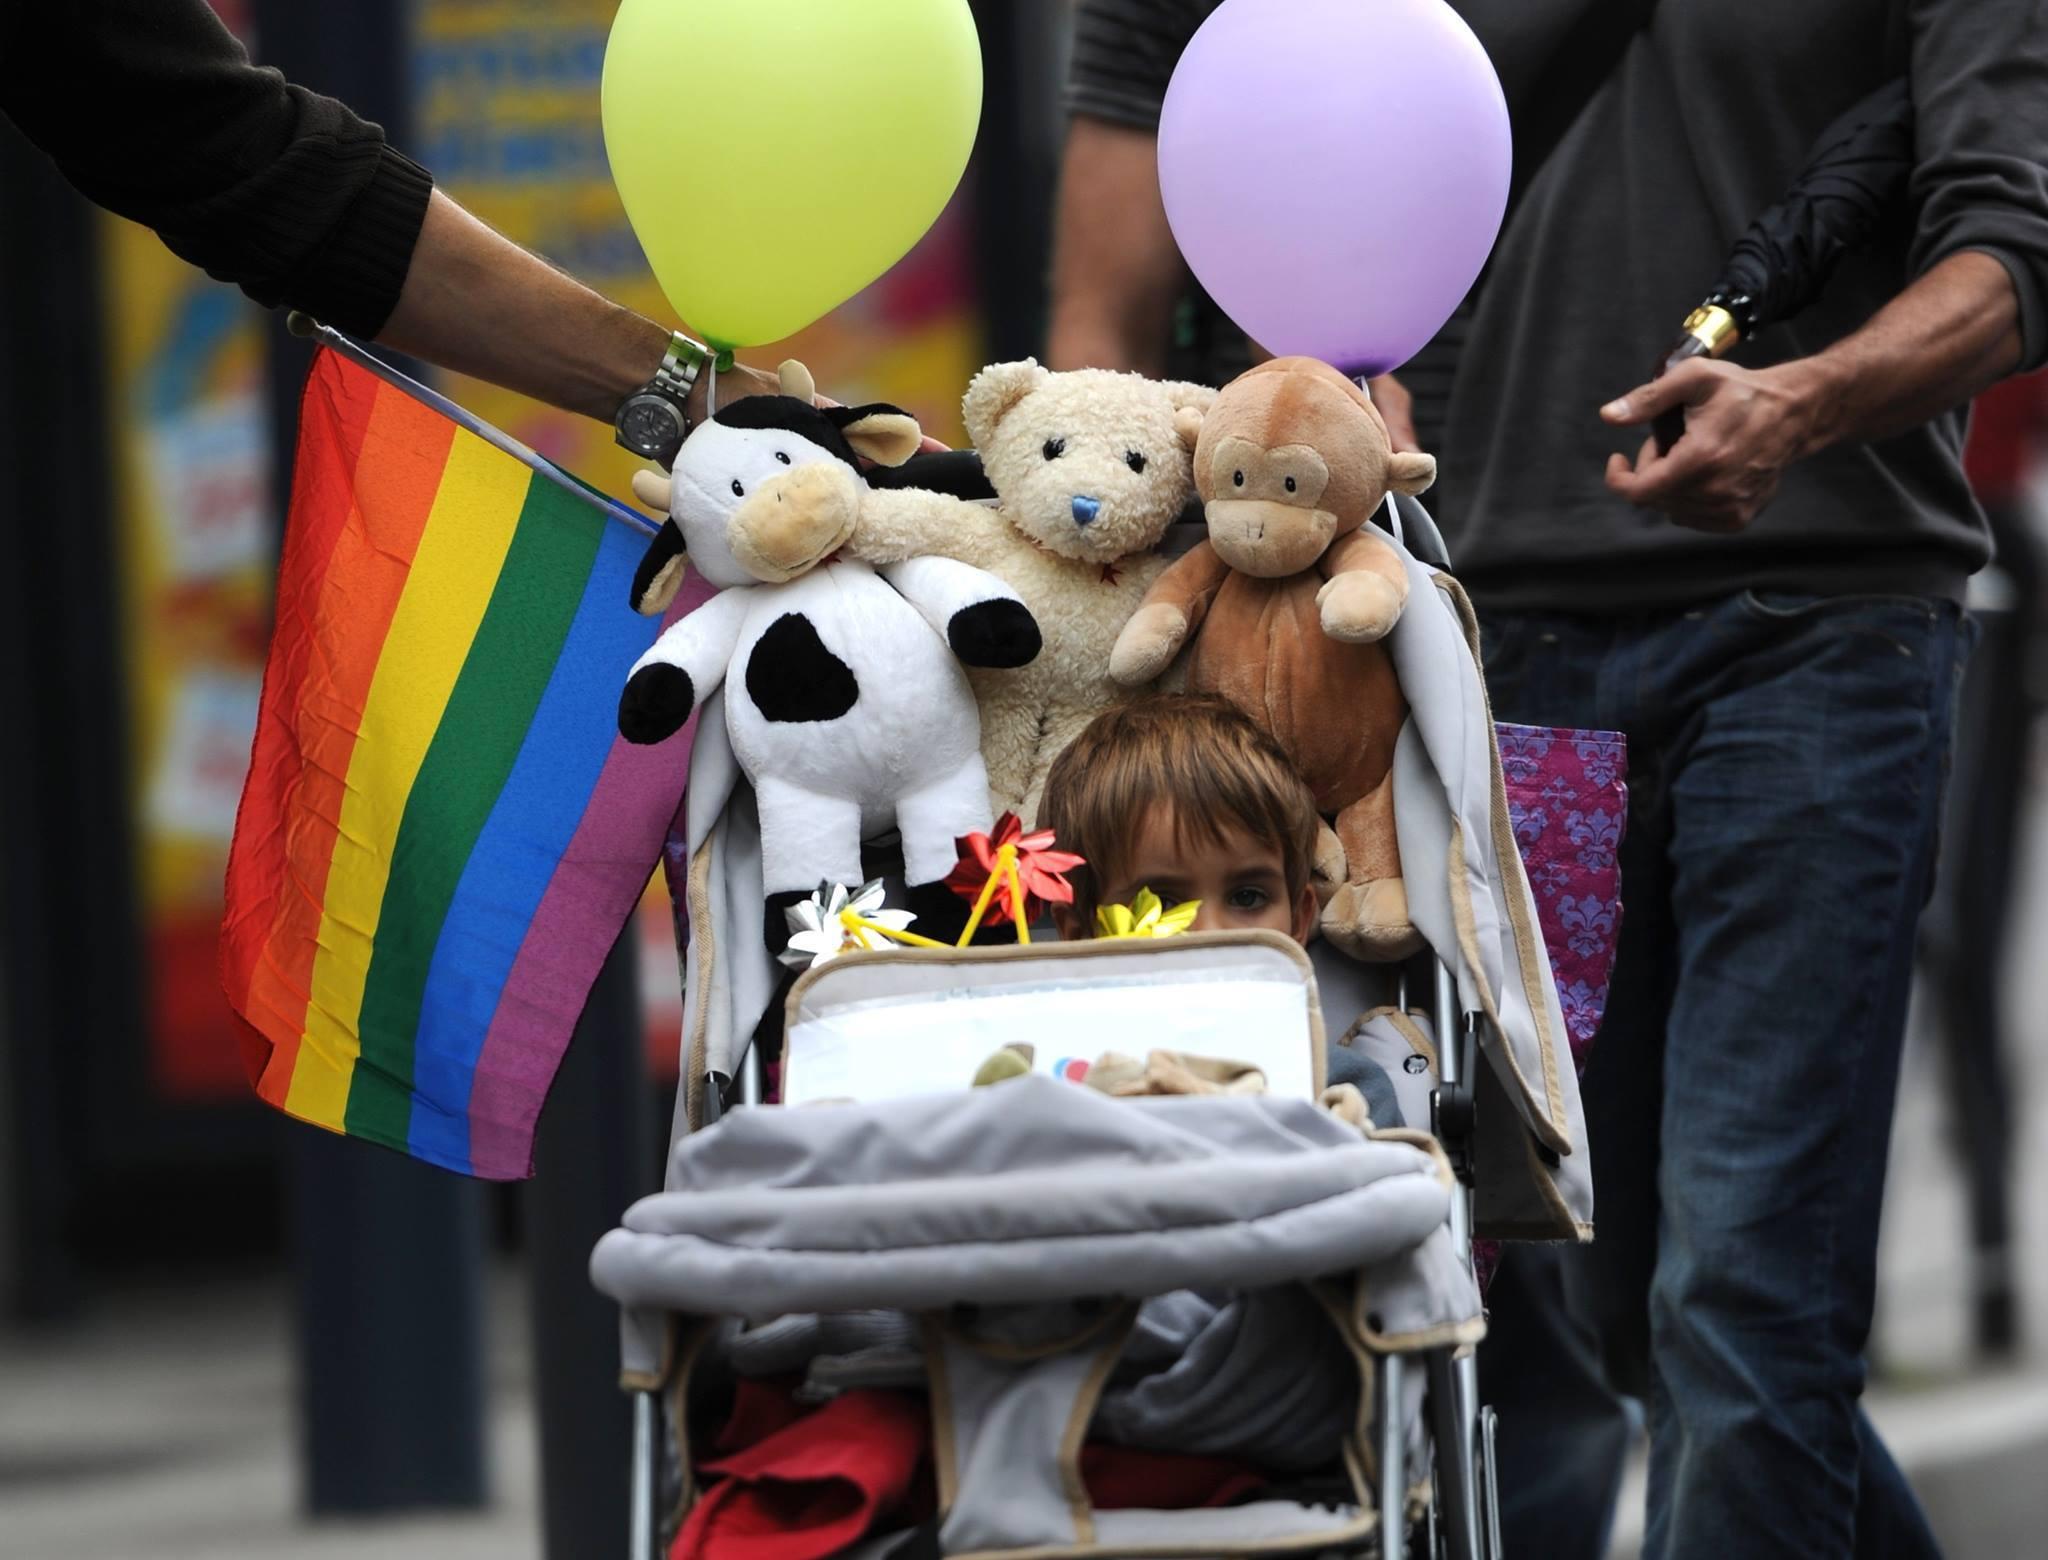 Chile: Diputados aprueban proyecto que permitirá la adopción homoparental